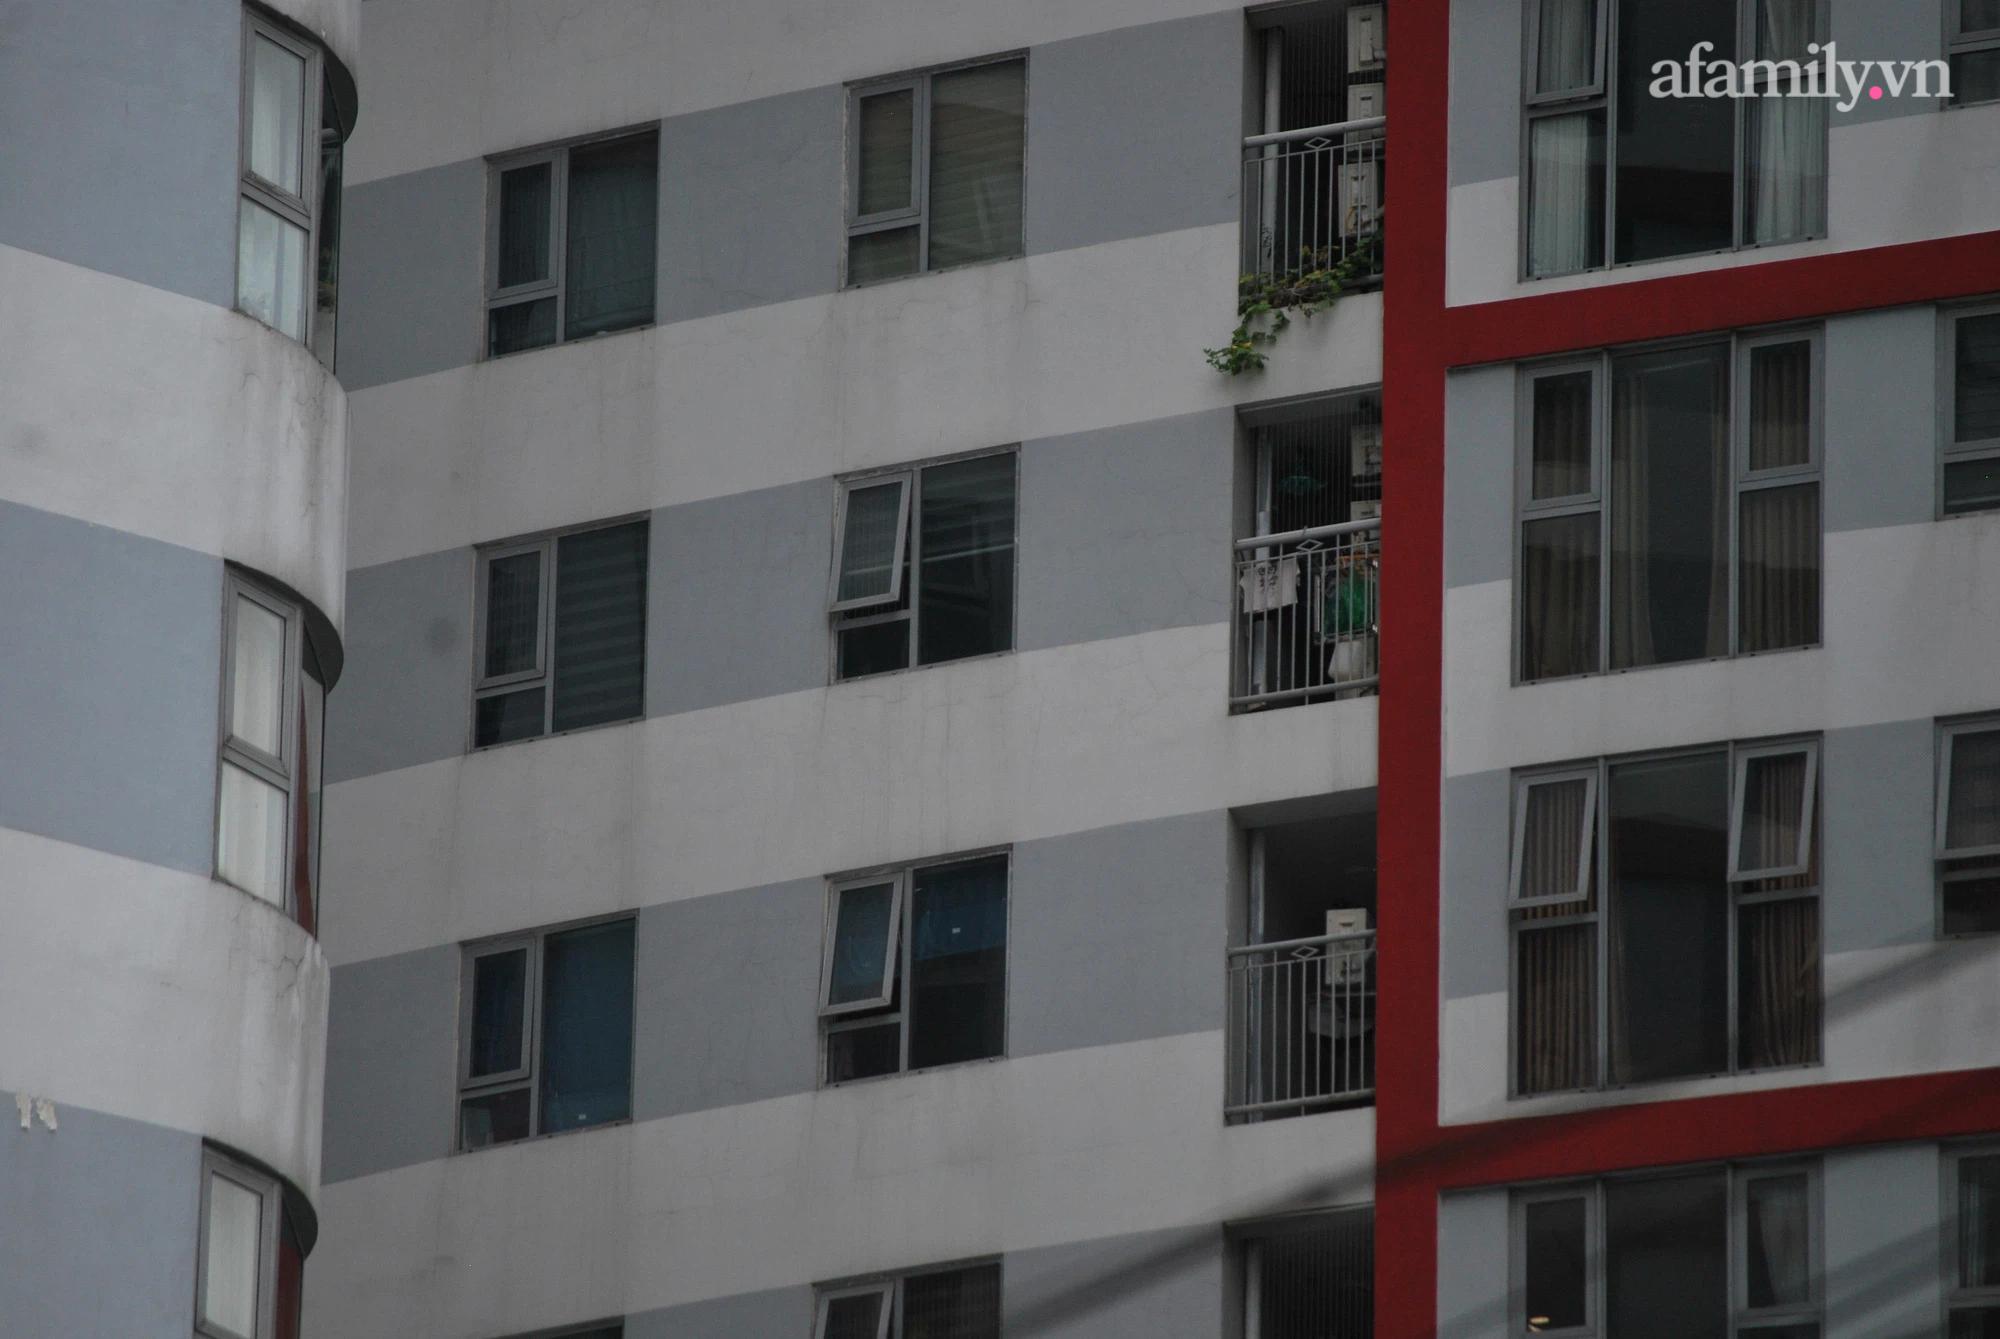 Ca mắc mới Covid-19 ghi nhận tại một tòa chung cư địa chỉ 360 Giải Phóng